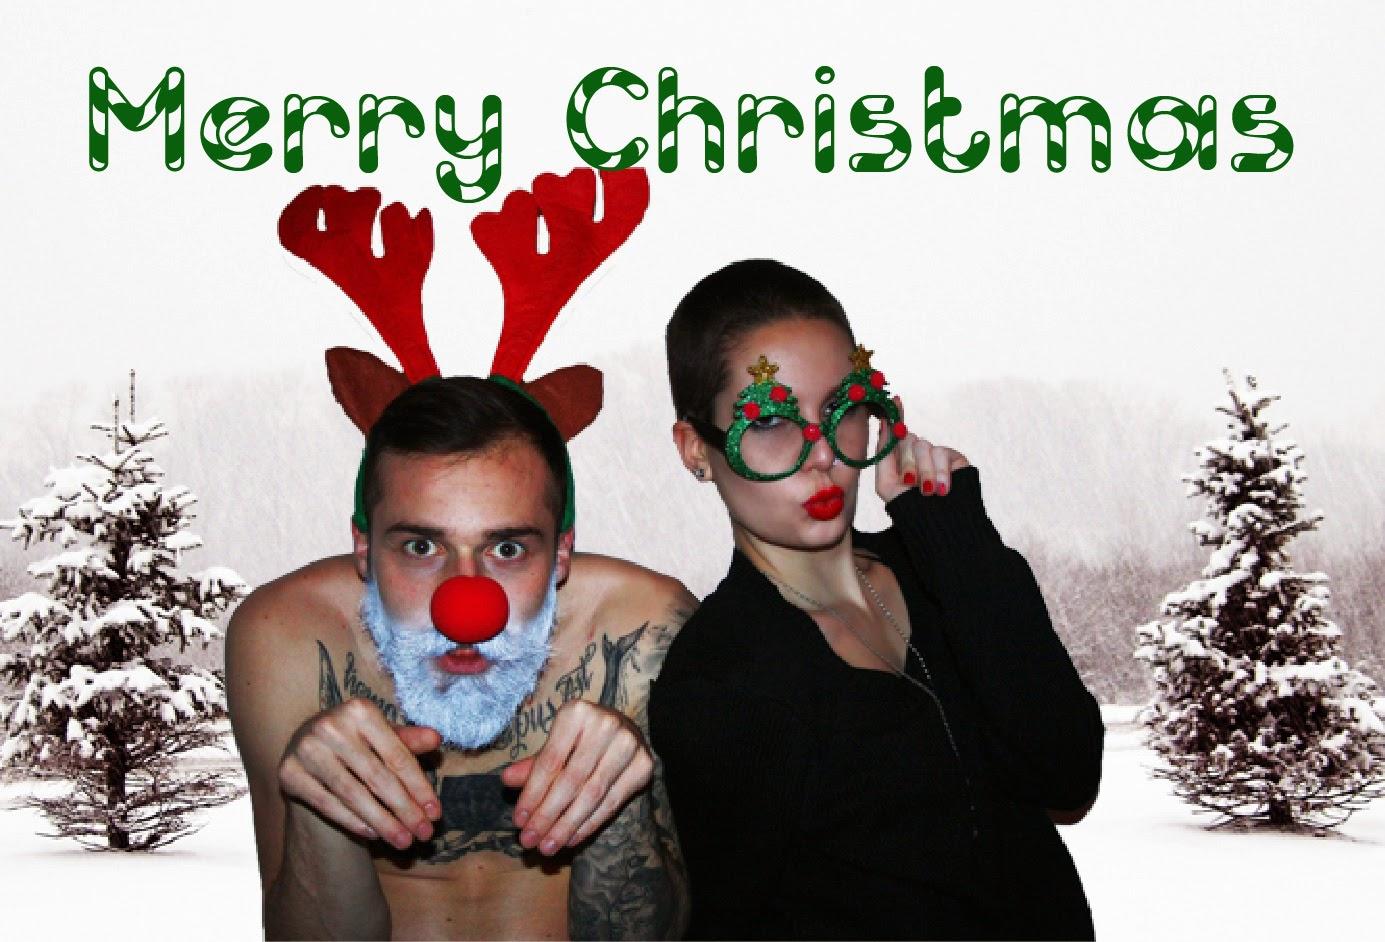 lustige Weihnachtskarte Weihnachten Grüße Blogger Wichteln Gadgets Glitzerbrille Rentierohren Rentiernase Mac Lippenstift Weihnachtenbrille